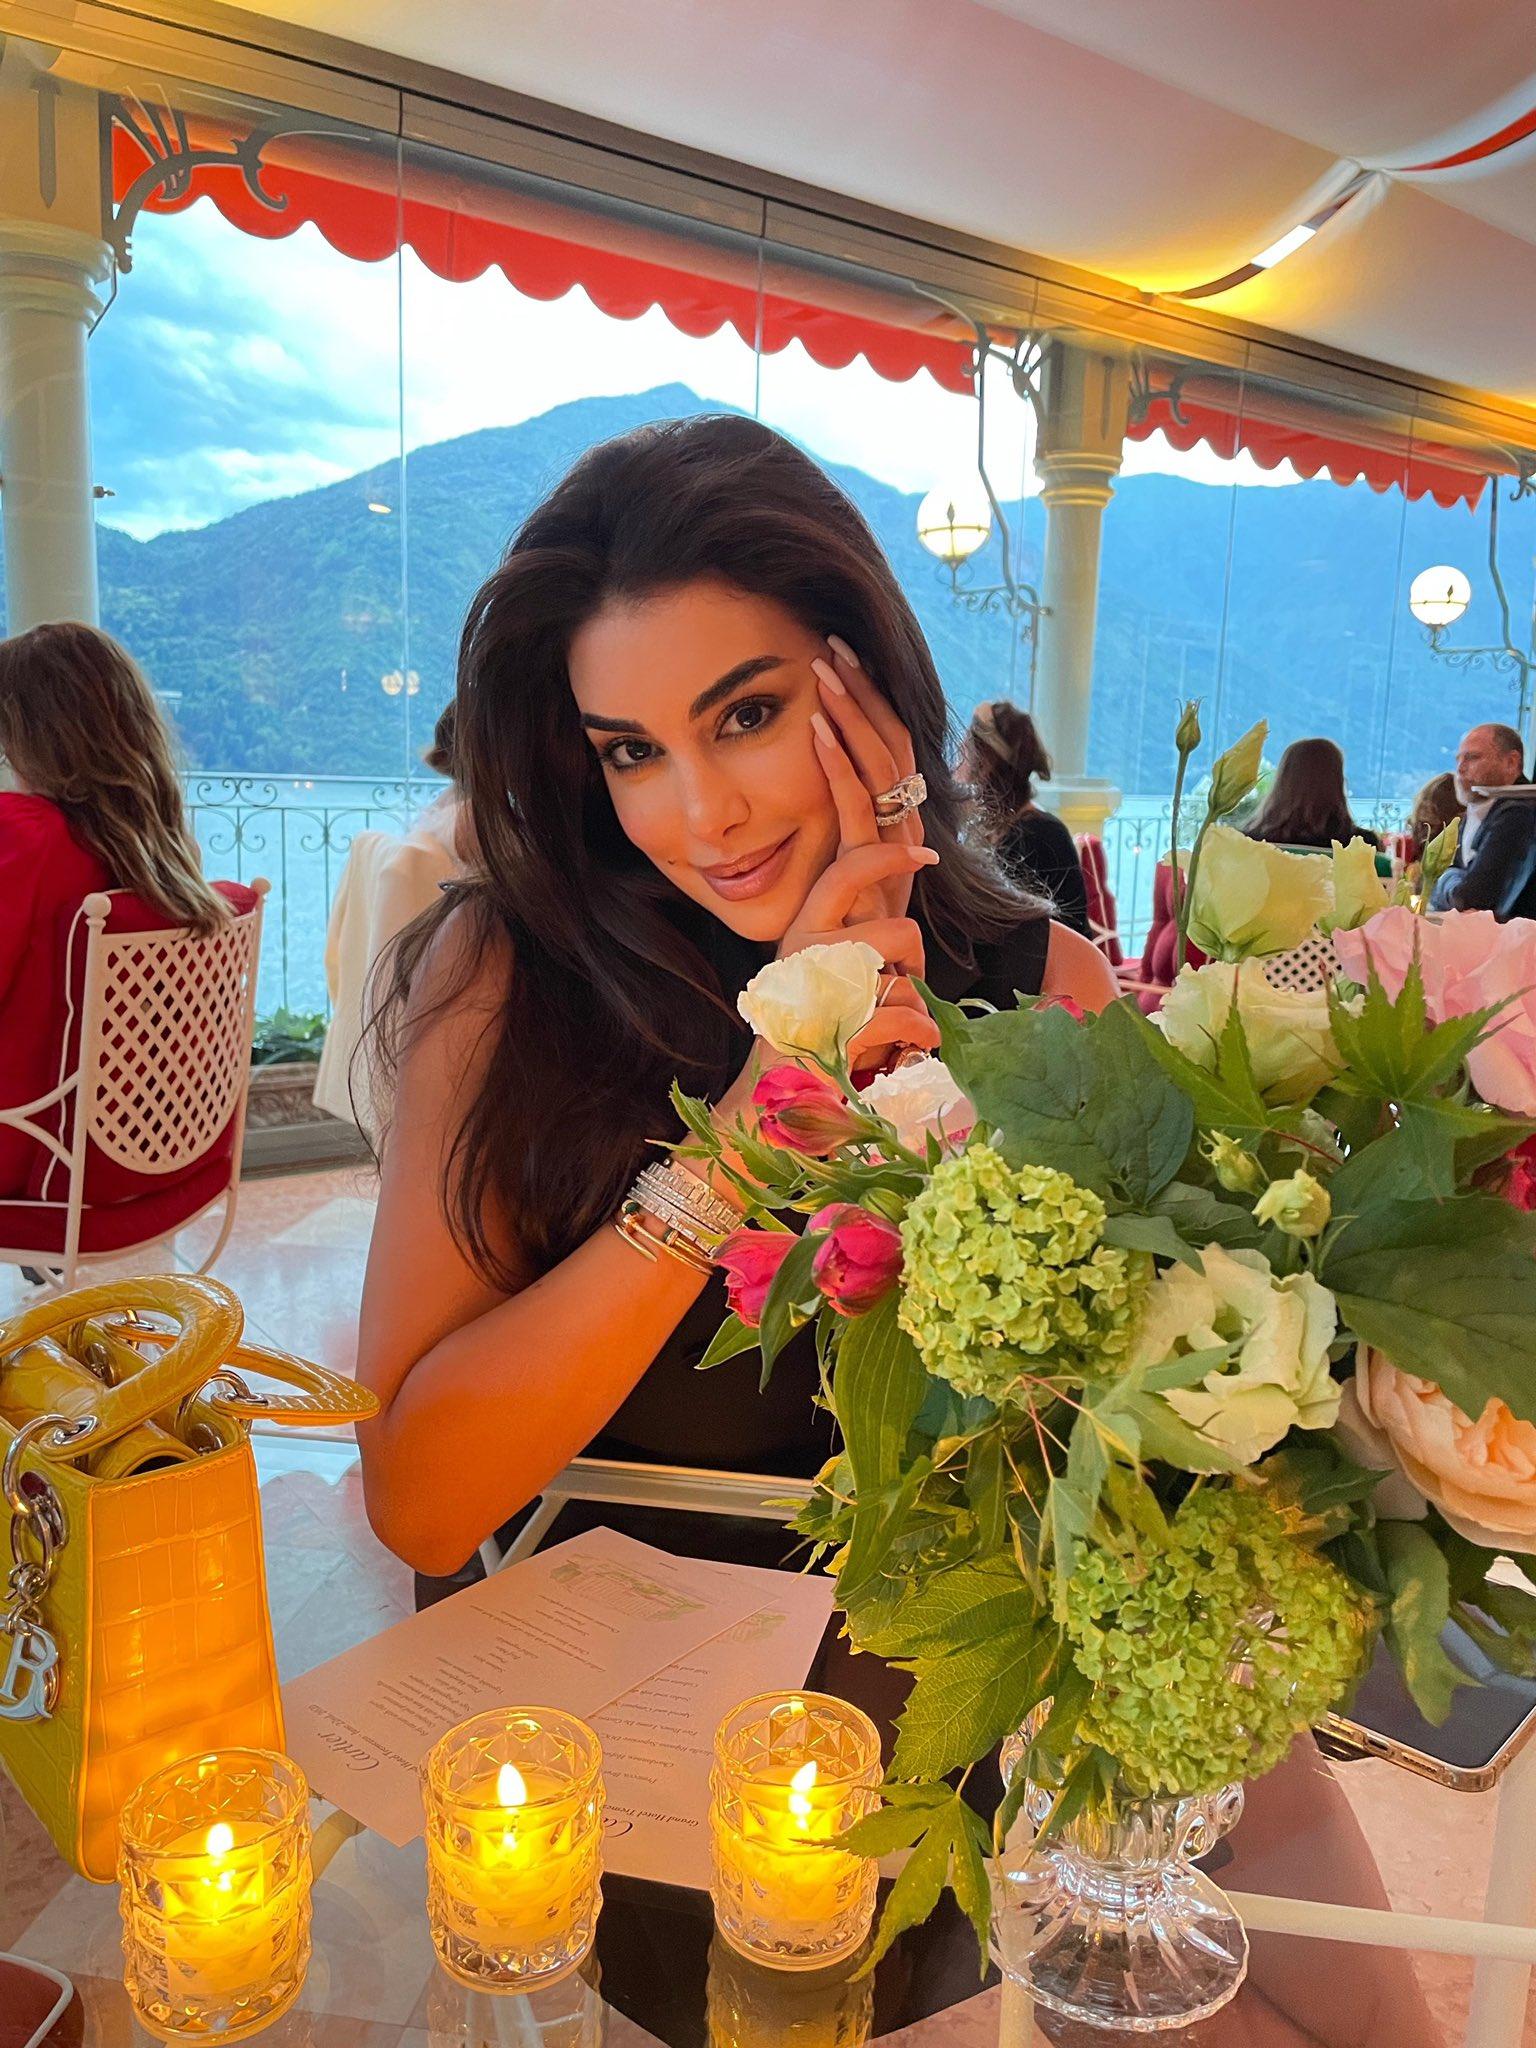 ياسمين صبري.. الصورة من حسابها على تويتر.jpg 4.jpg